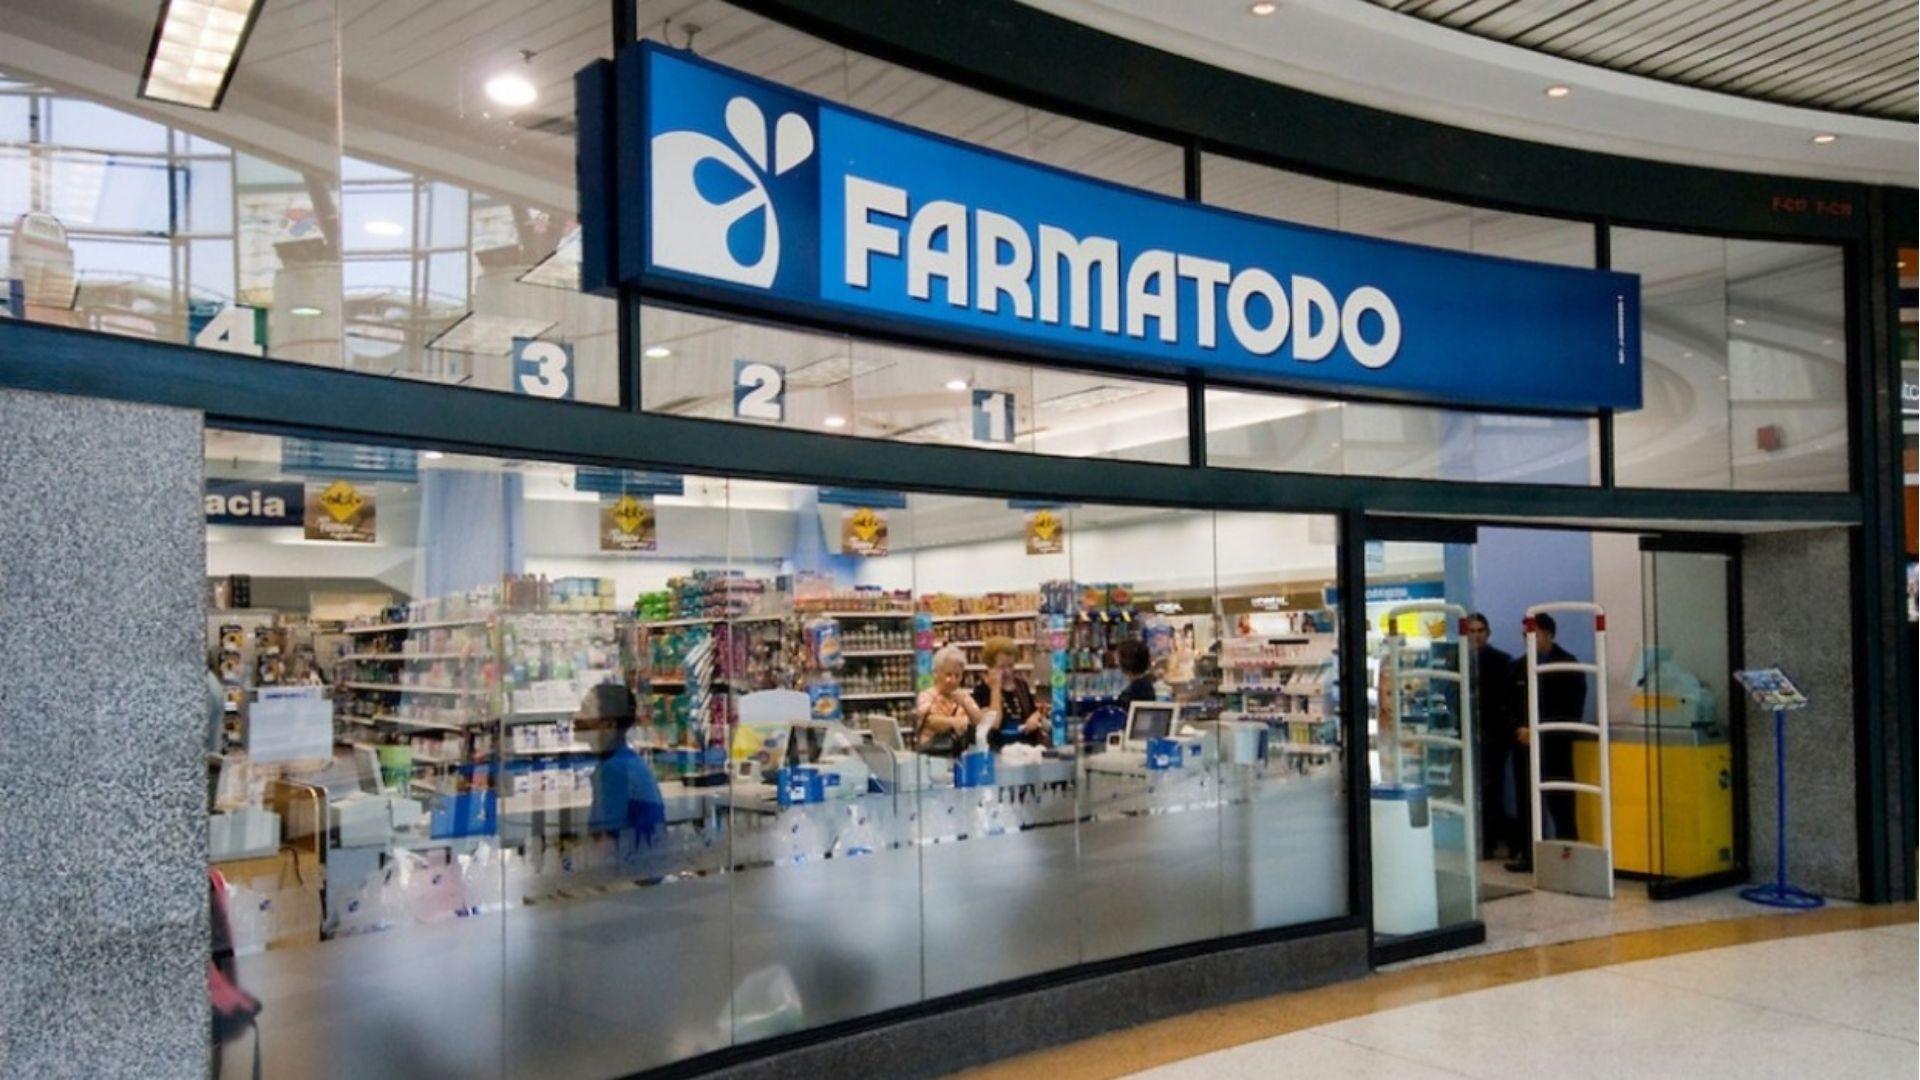 Sundde acordó con Farmatodo reducir precios en 472 productos